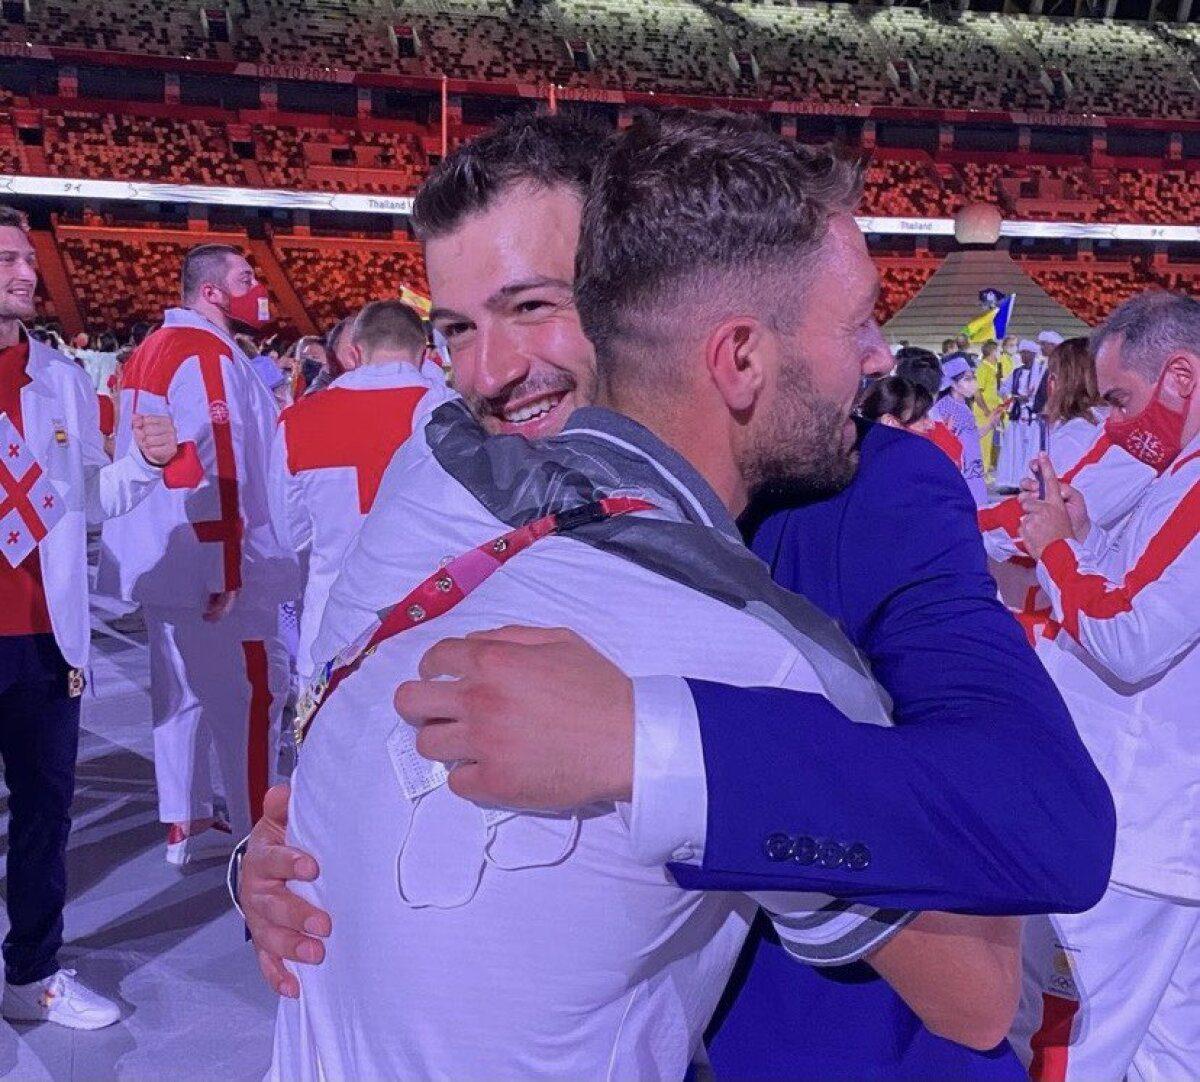 صورة متداولة على مواقع التواصل الاجتماعي، تظهر عناق الأخوين محمد وعلاء ماسو، خلال افتتاح أولمبياد 2020، في العاصمة اليابانية طوكيو، الجمعة 23/ 7/